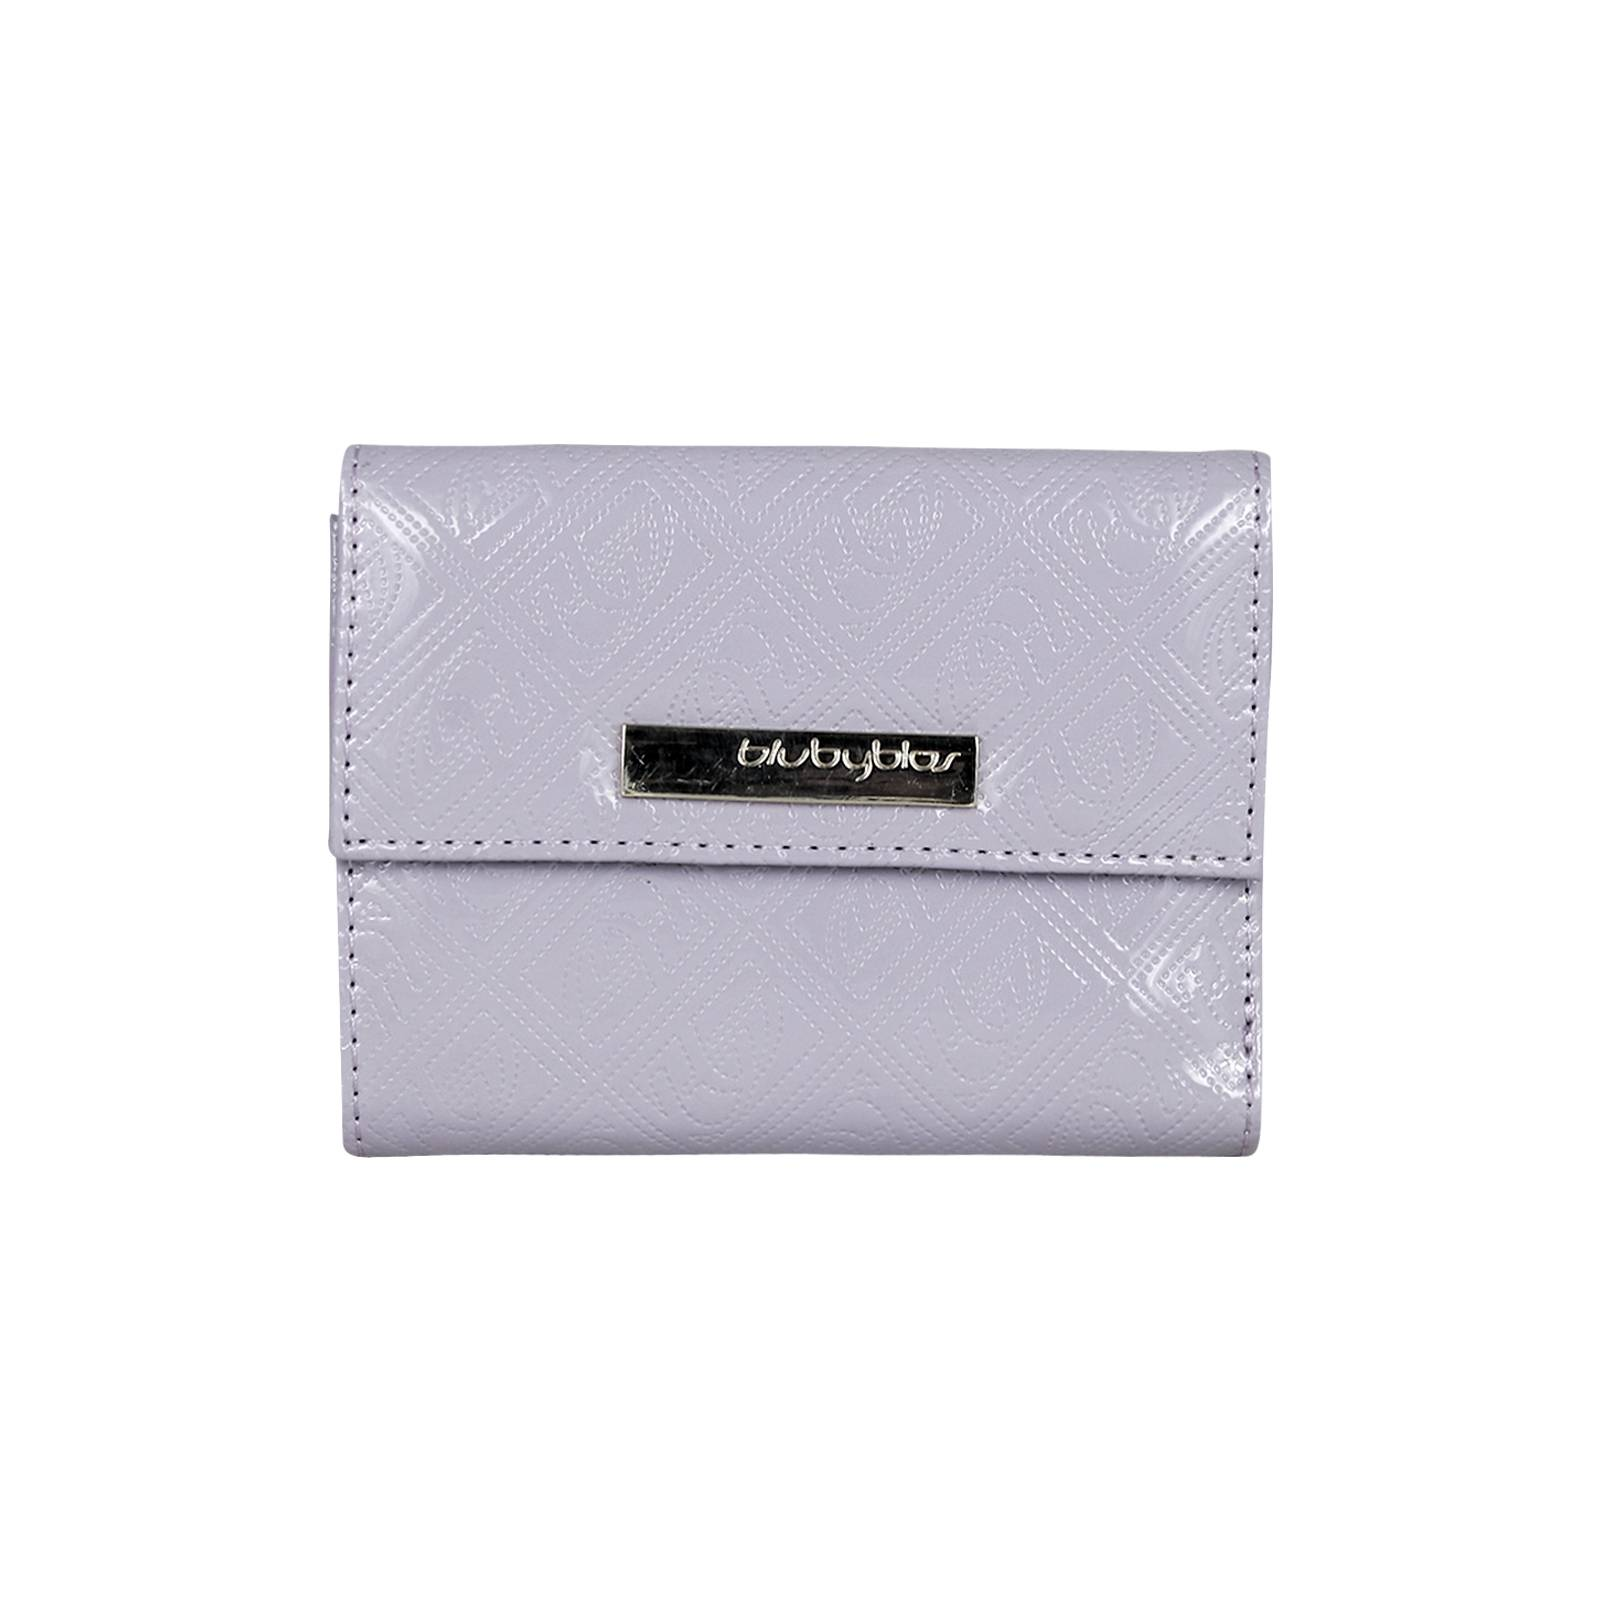 55d71418c0 Whigham - Γυναικείο πορτοφόλι Blu Byblos από λουστρινι συνθετικο ...